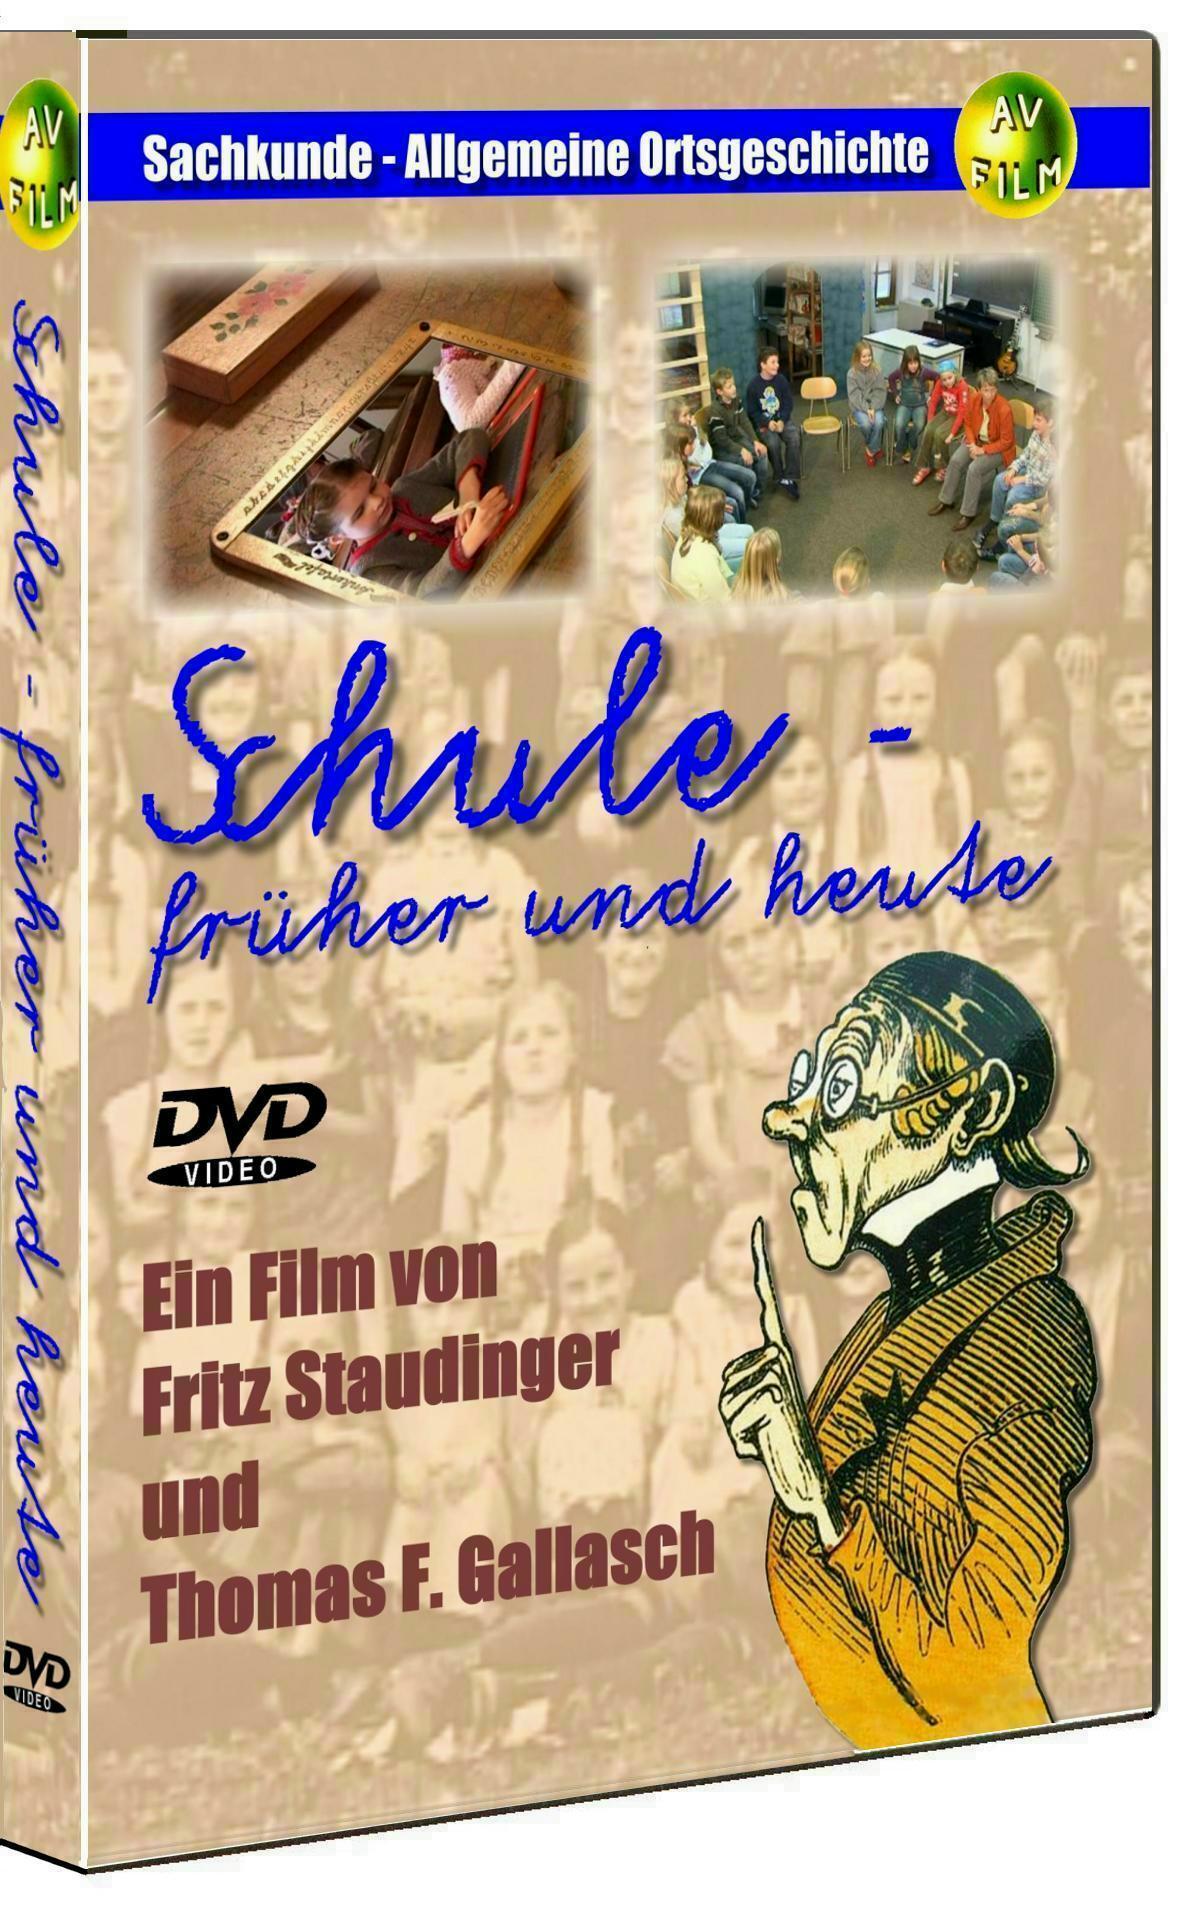 AV-FILM online